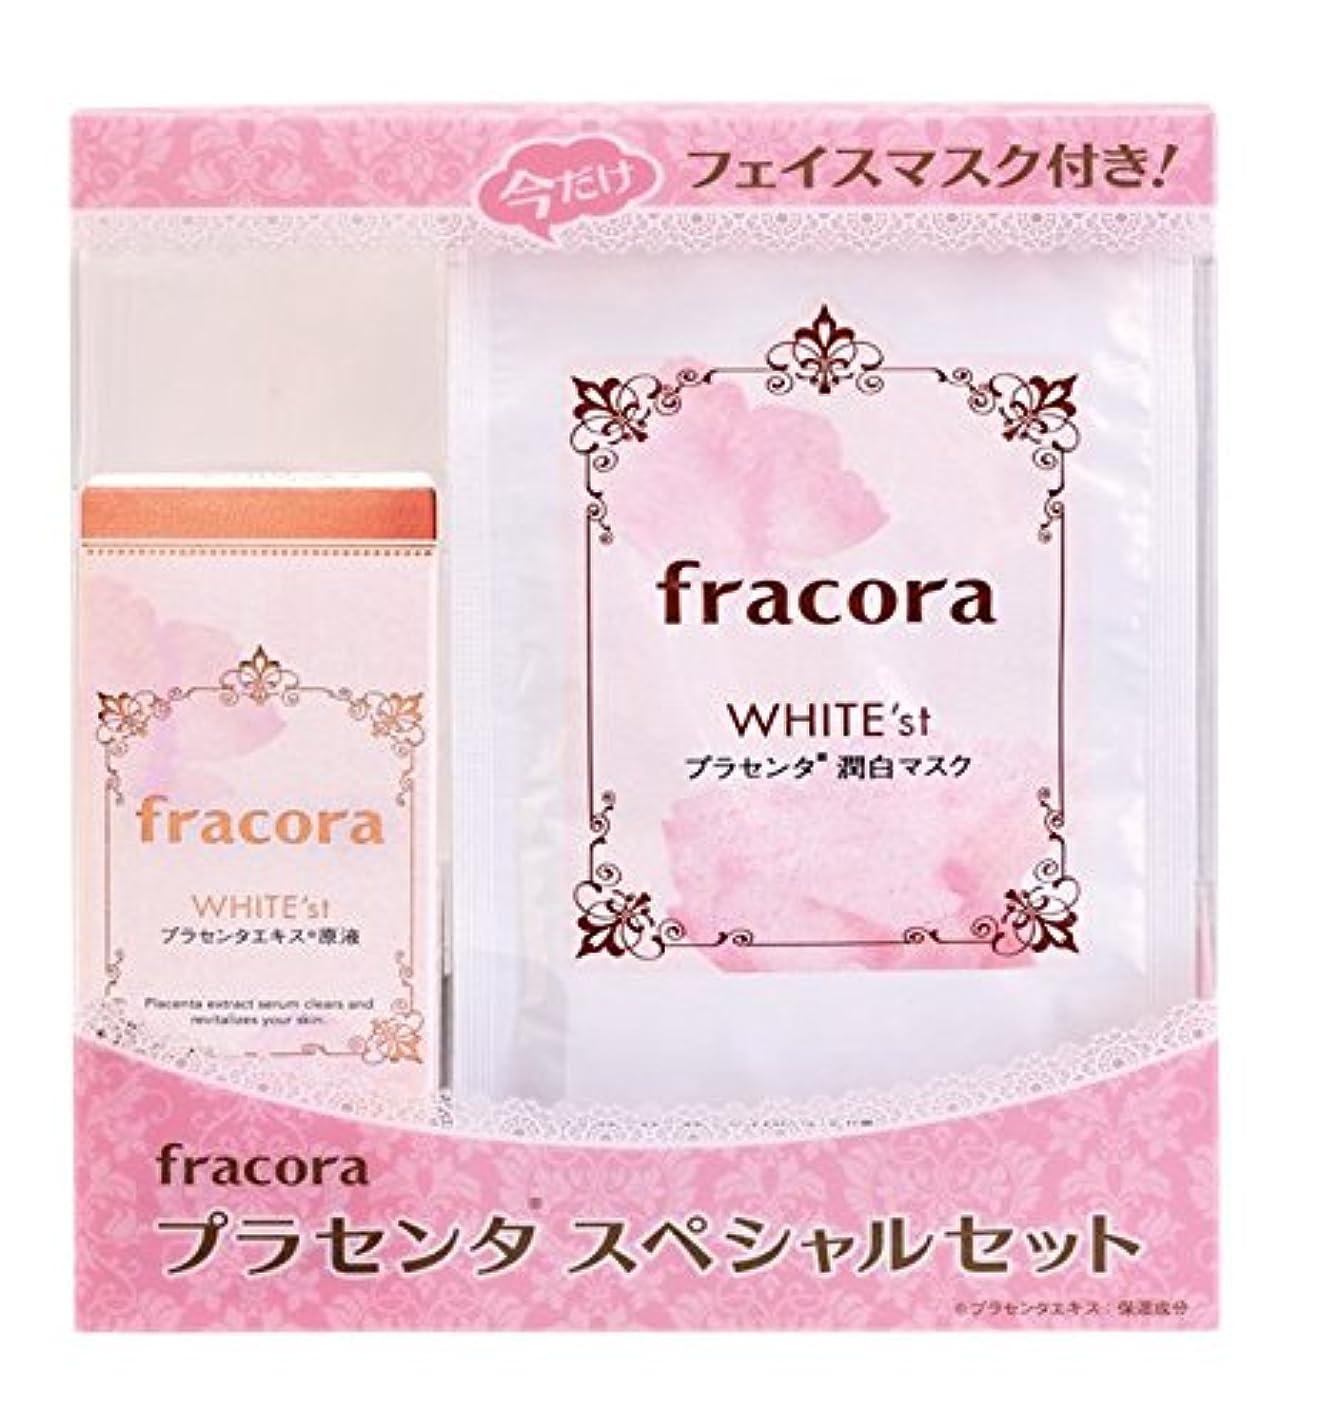 インペリアルキャリッジ充実【数量限定】フラコラ WHITE'st プラセンタ スペシャルセット2017